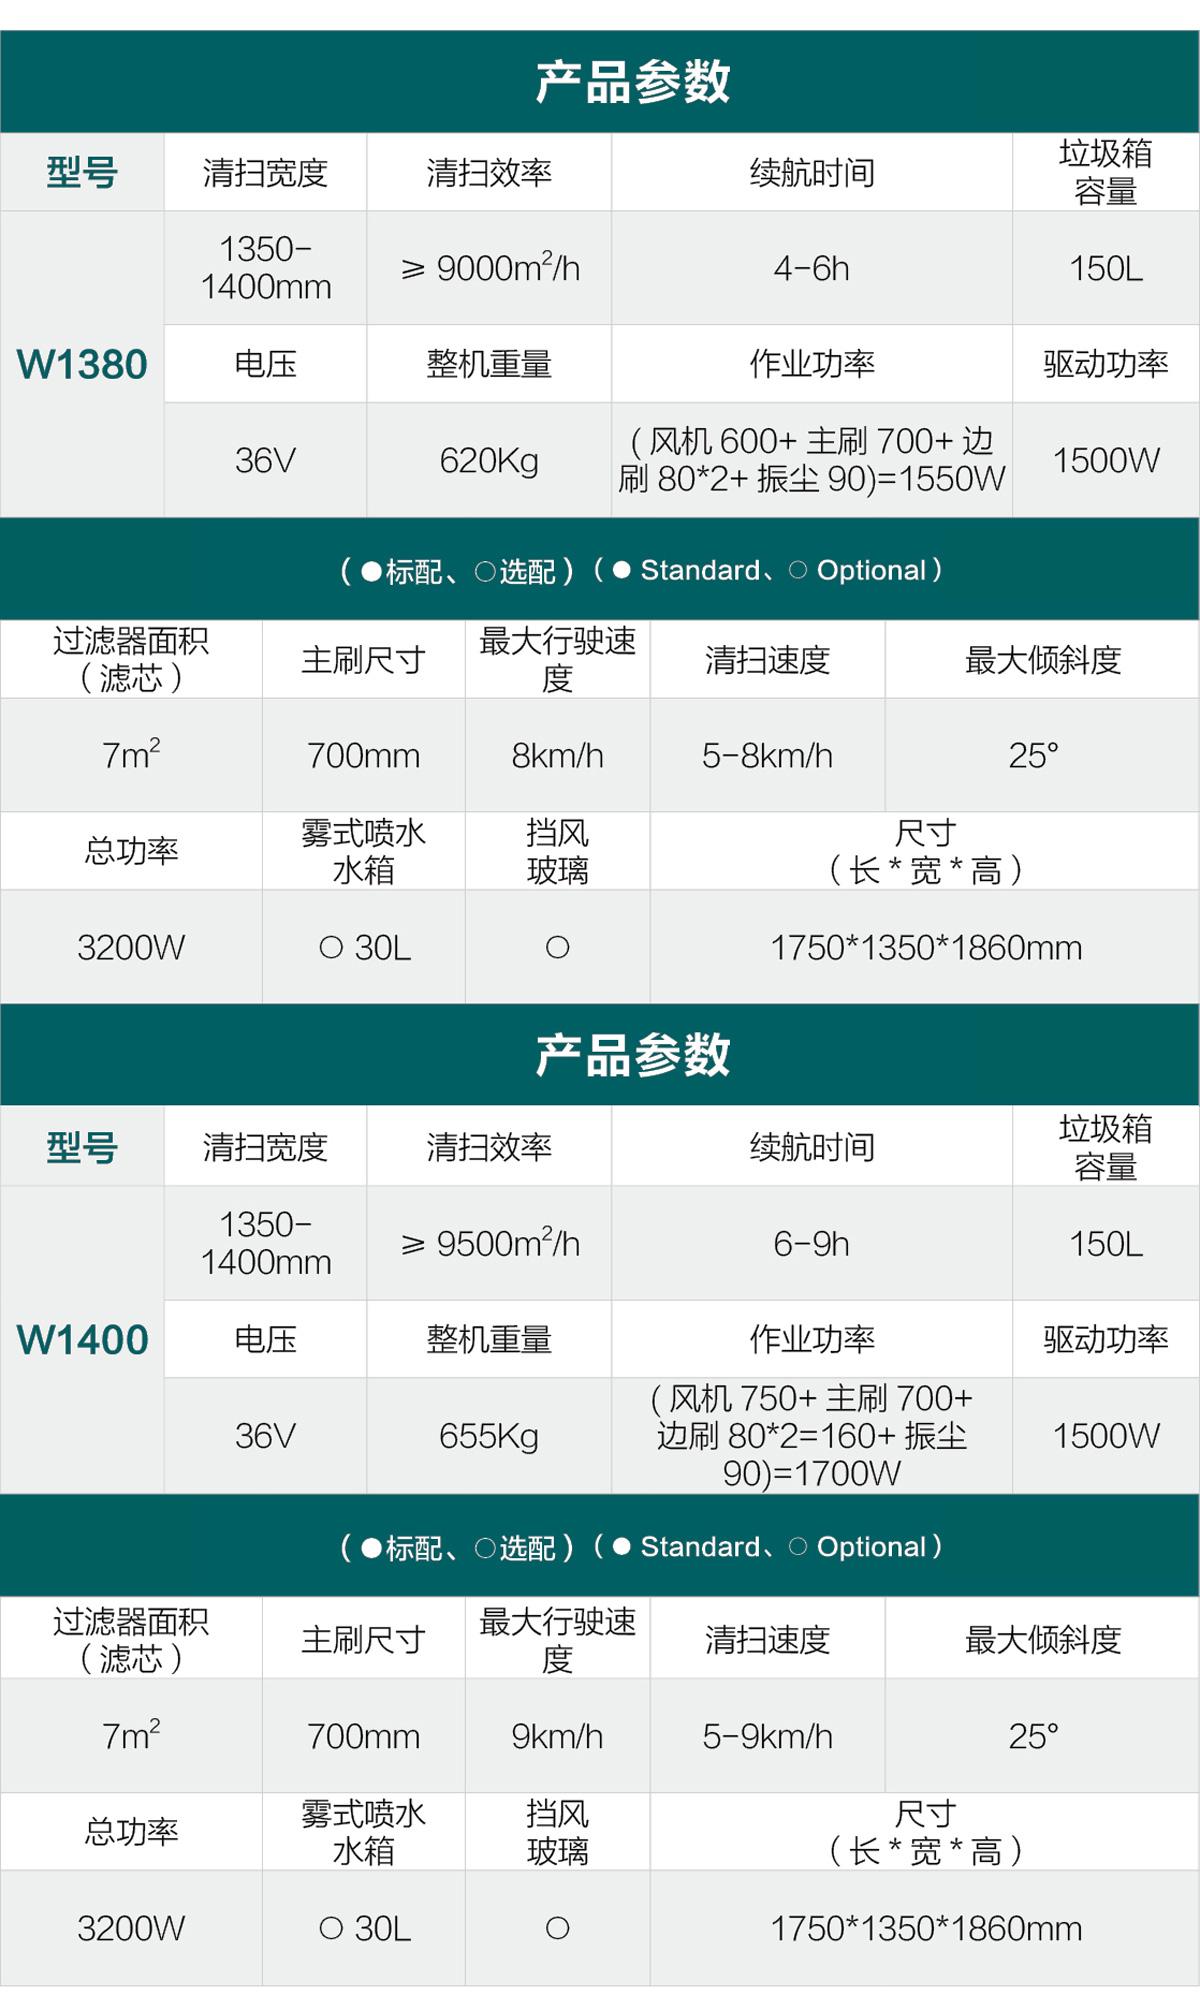 W1380/1400参数